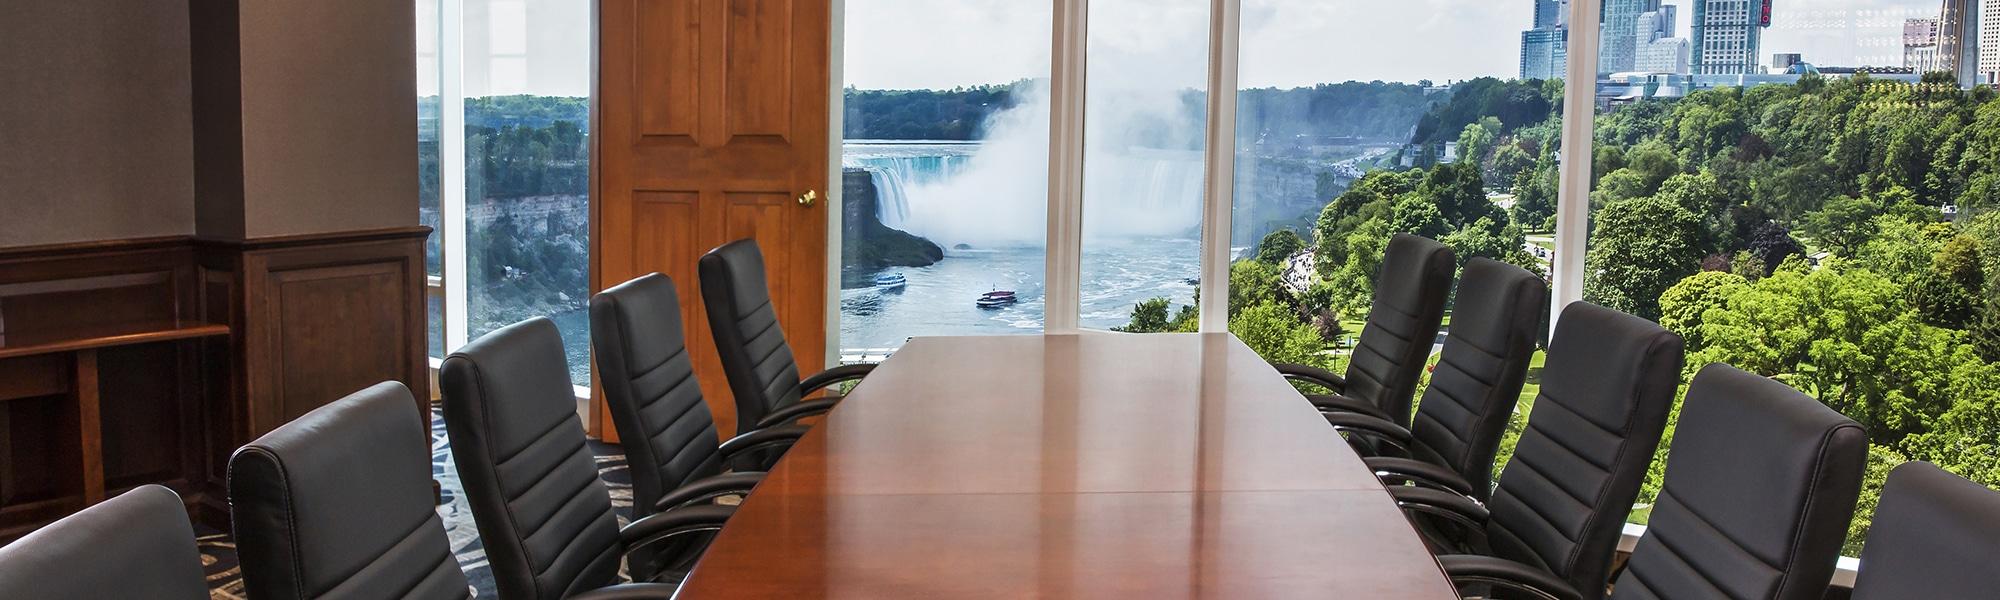 Niagara Falls Meetings